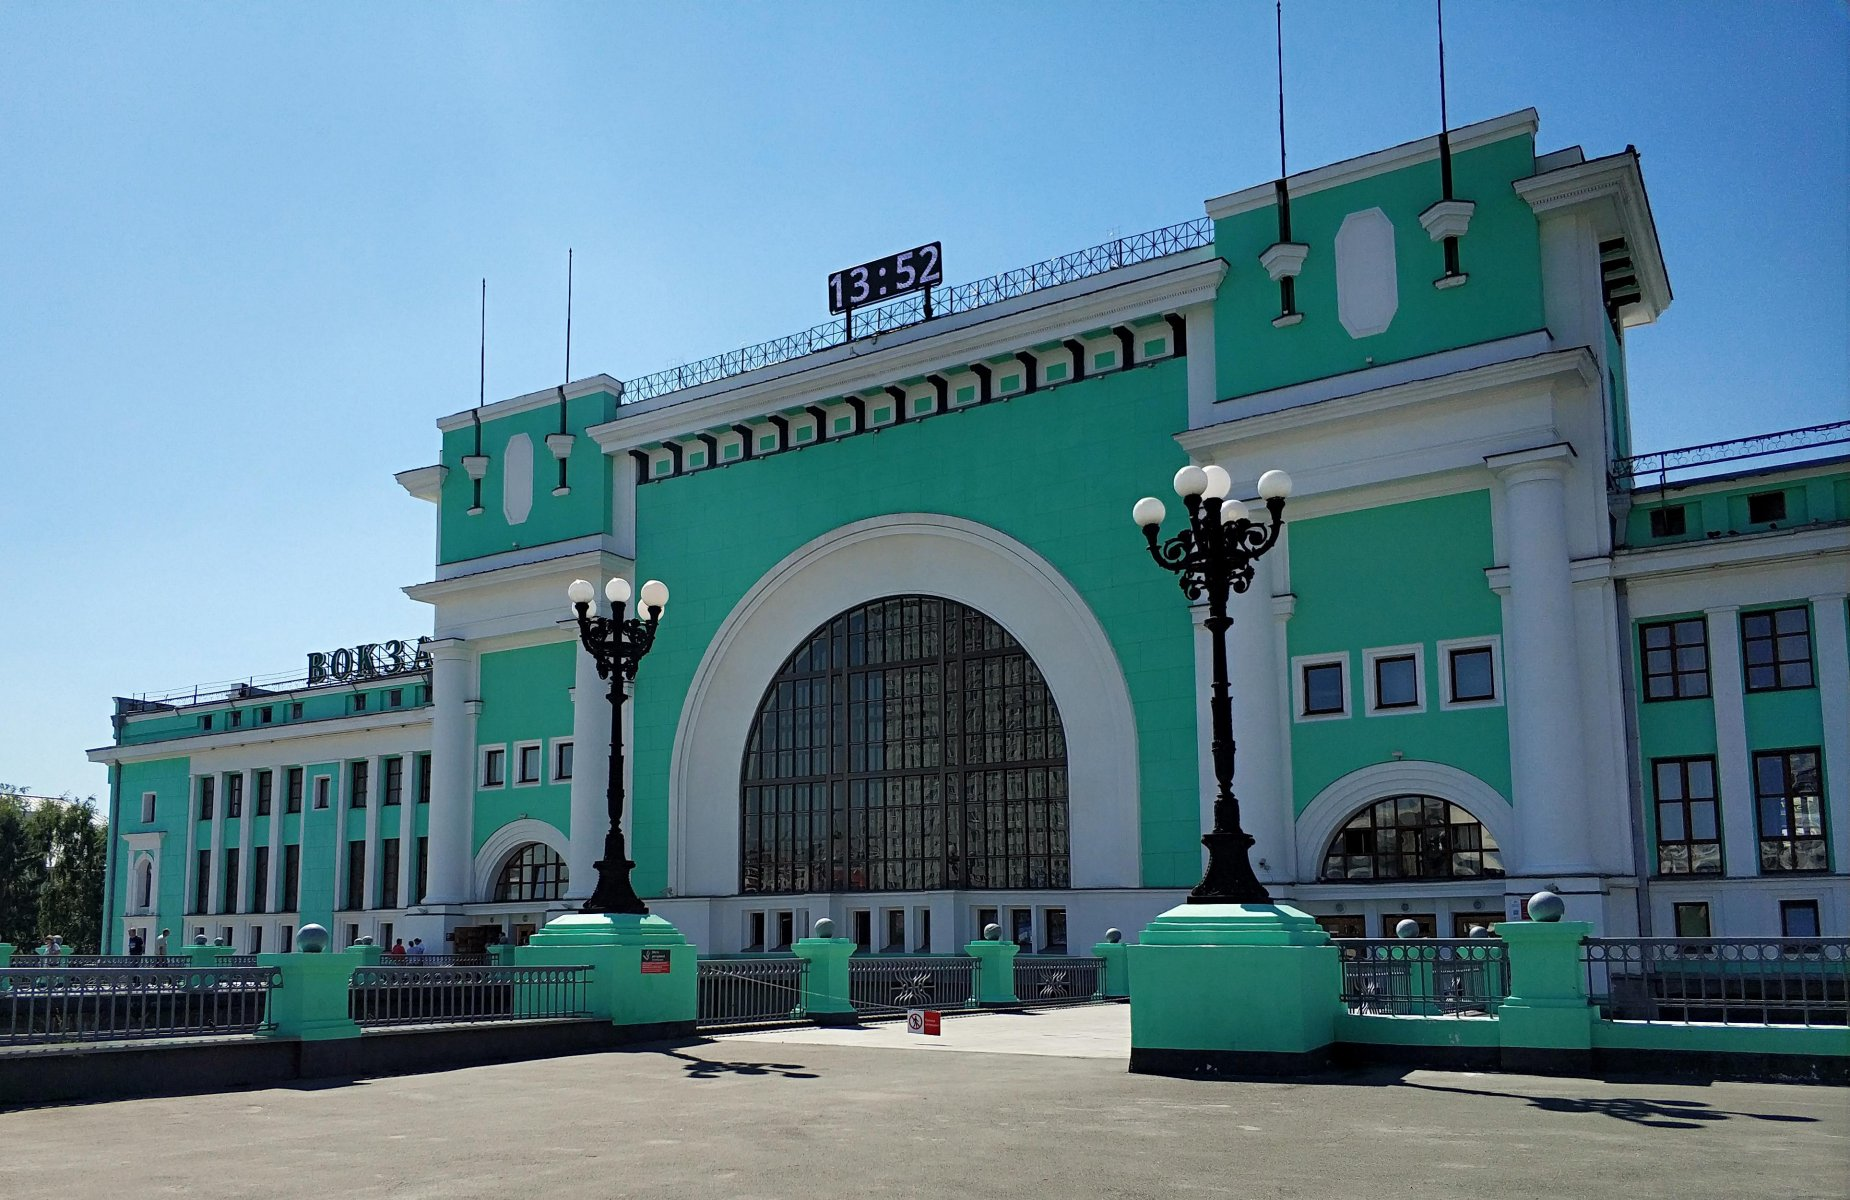 Картинка вокзал главный